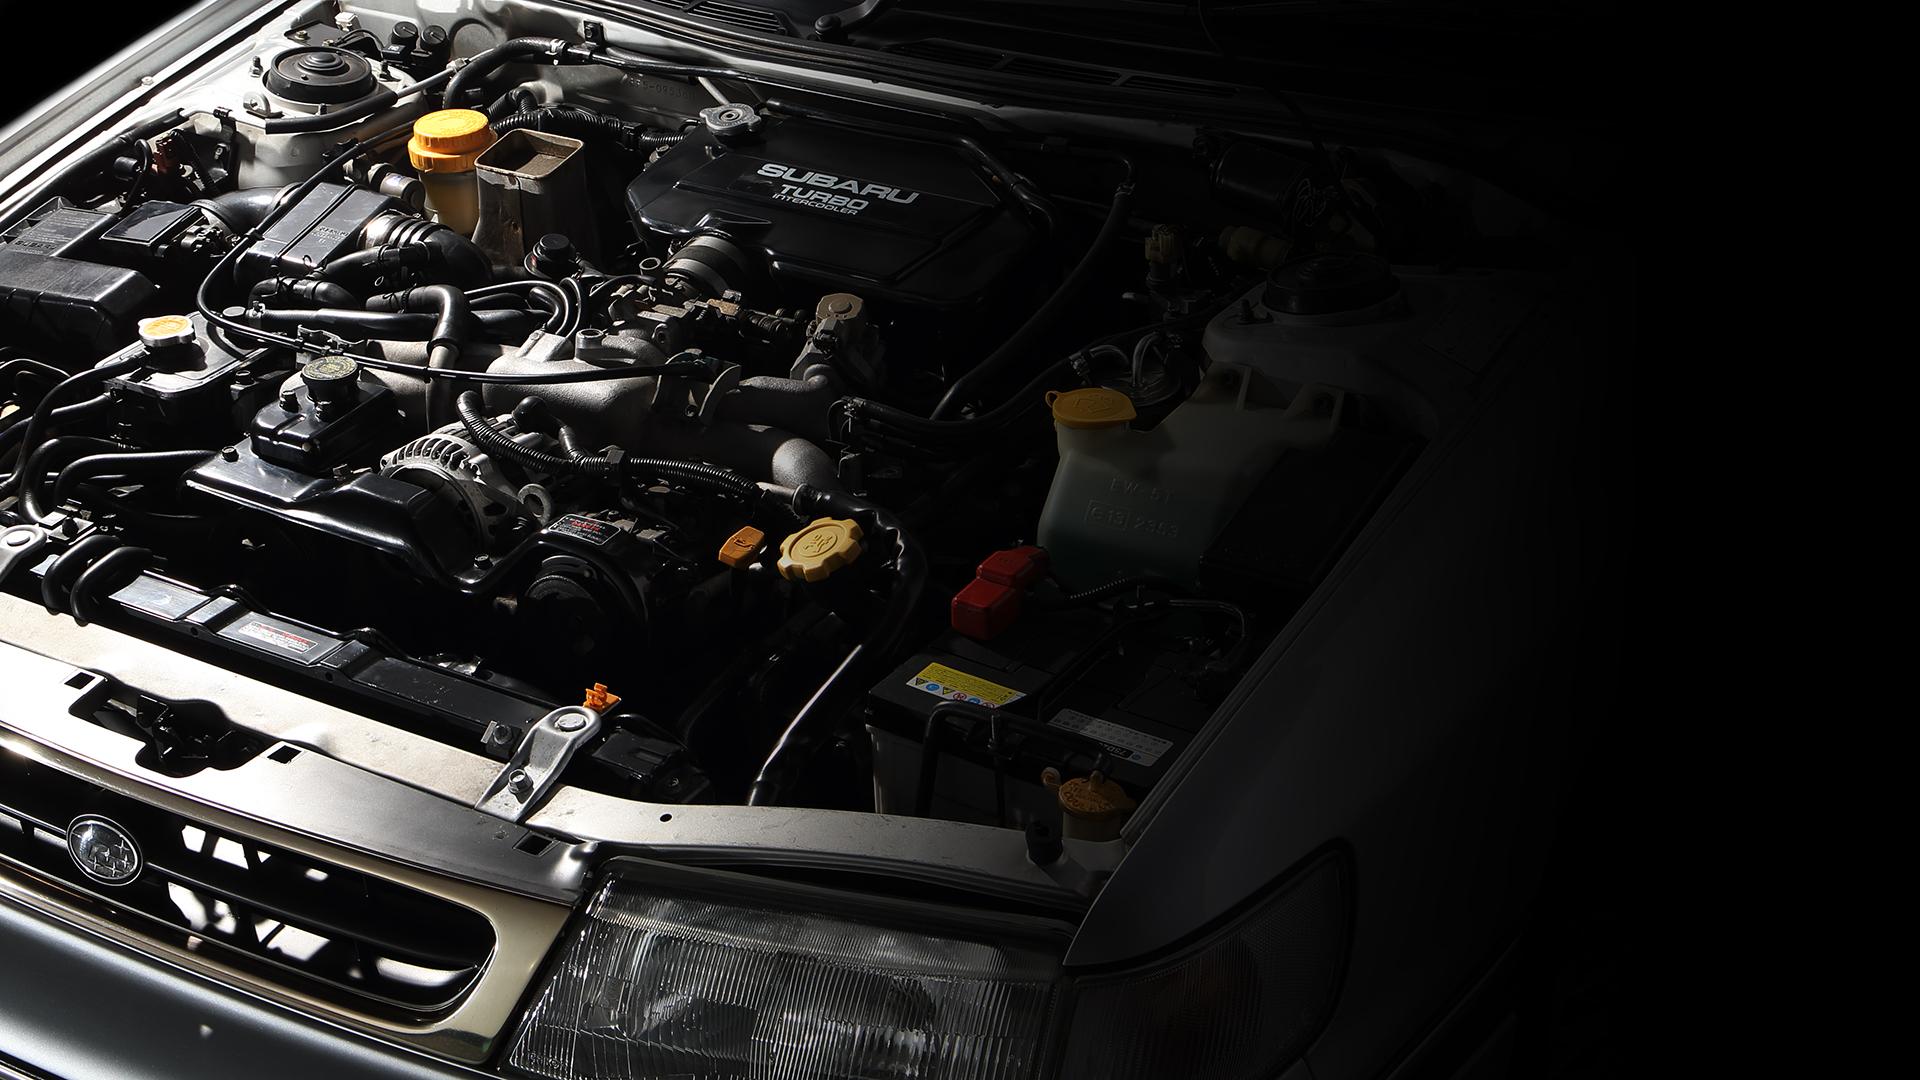 スバル バーチャル背景第2弾公開 要望に応えてスマホ向け Ej 型エンジン画像も Car Watch